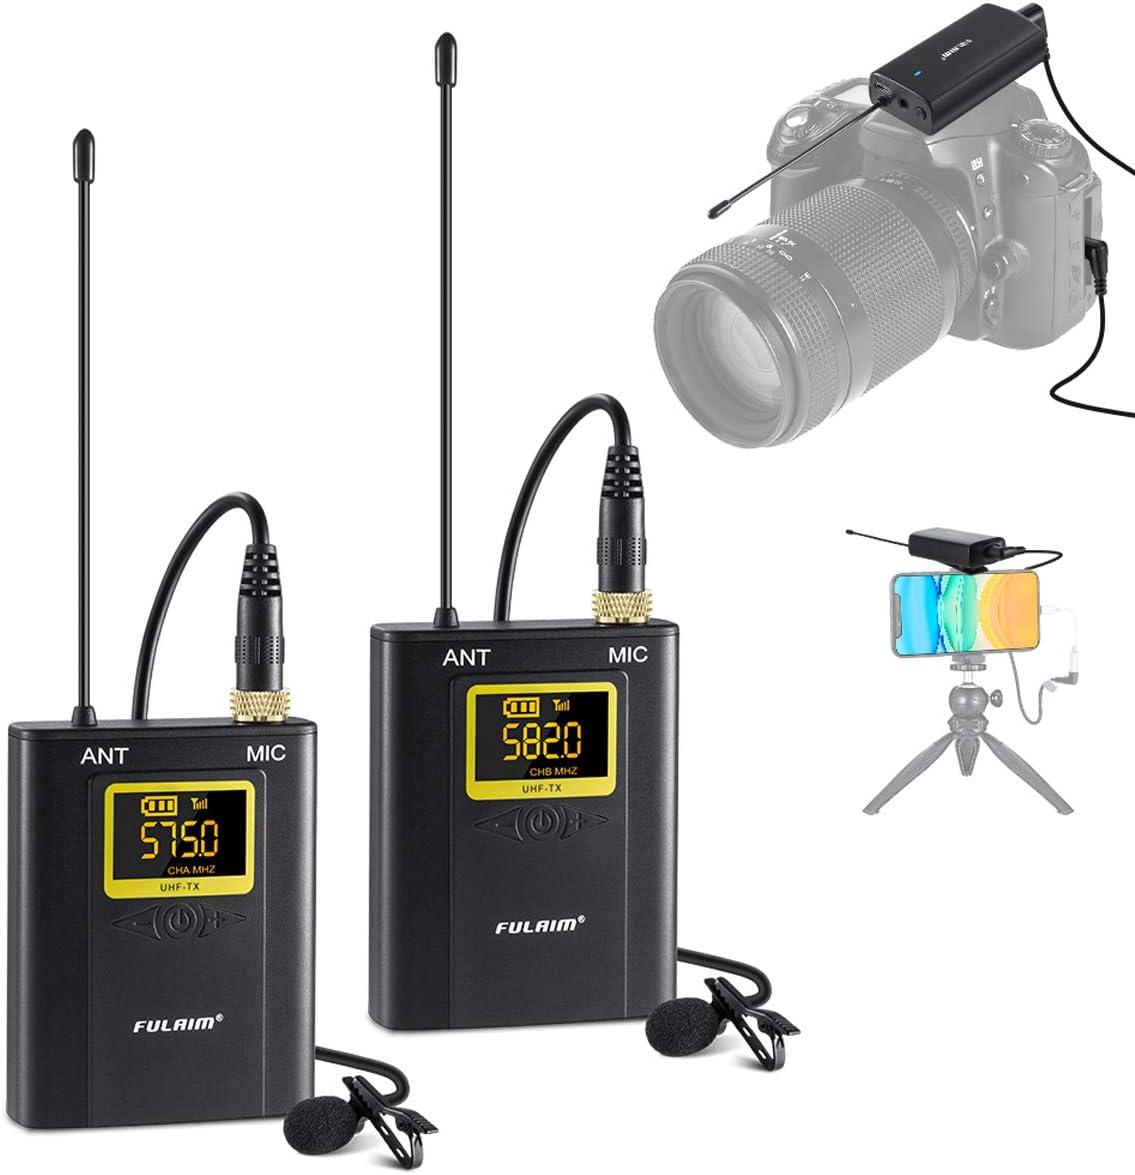 FULAIM WM300 Microfono Lavalier Wireless per iPhone Fotocamera DSLR Telefoni Cellulari Android, Microfoni Esterni UHF a 20 Canali per la Registrazione di Interviste Video Fotografiche - 2TX